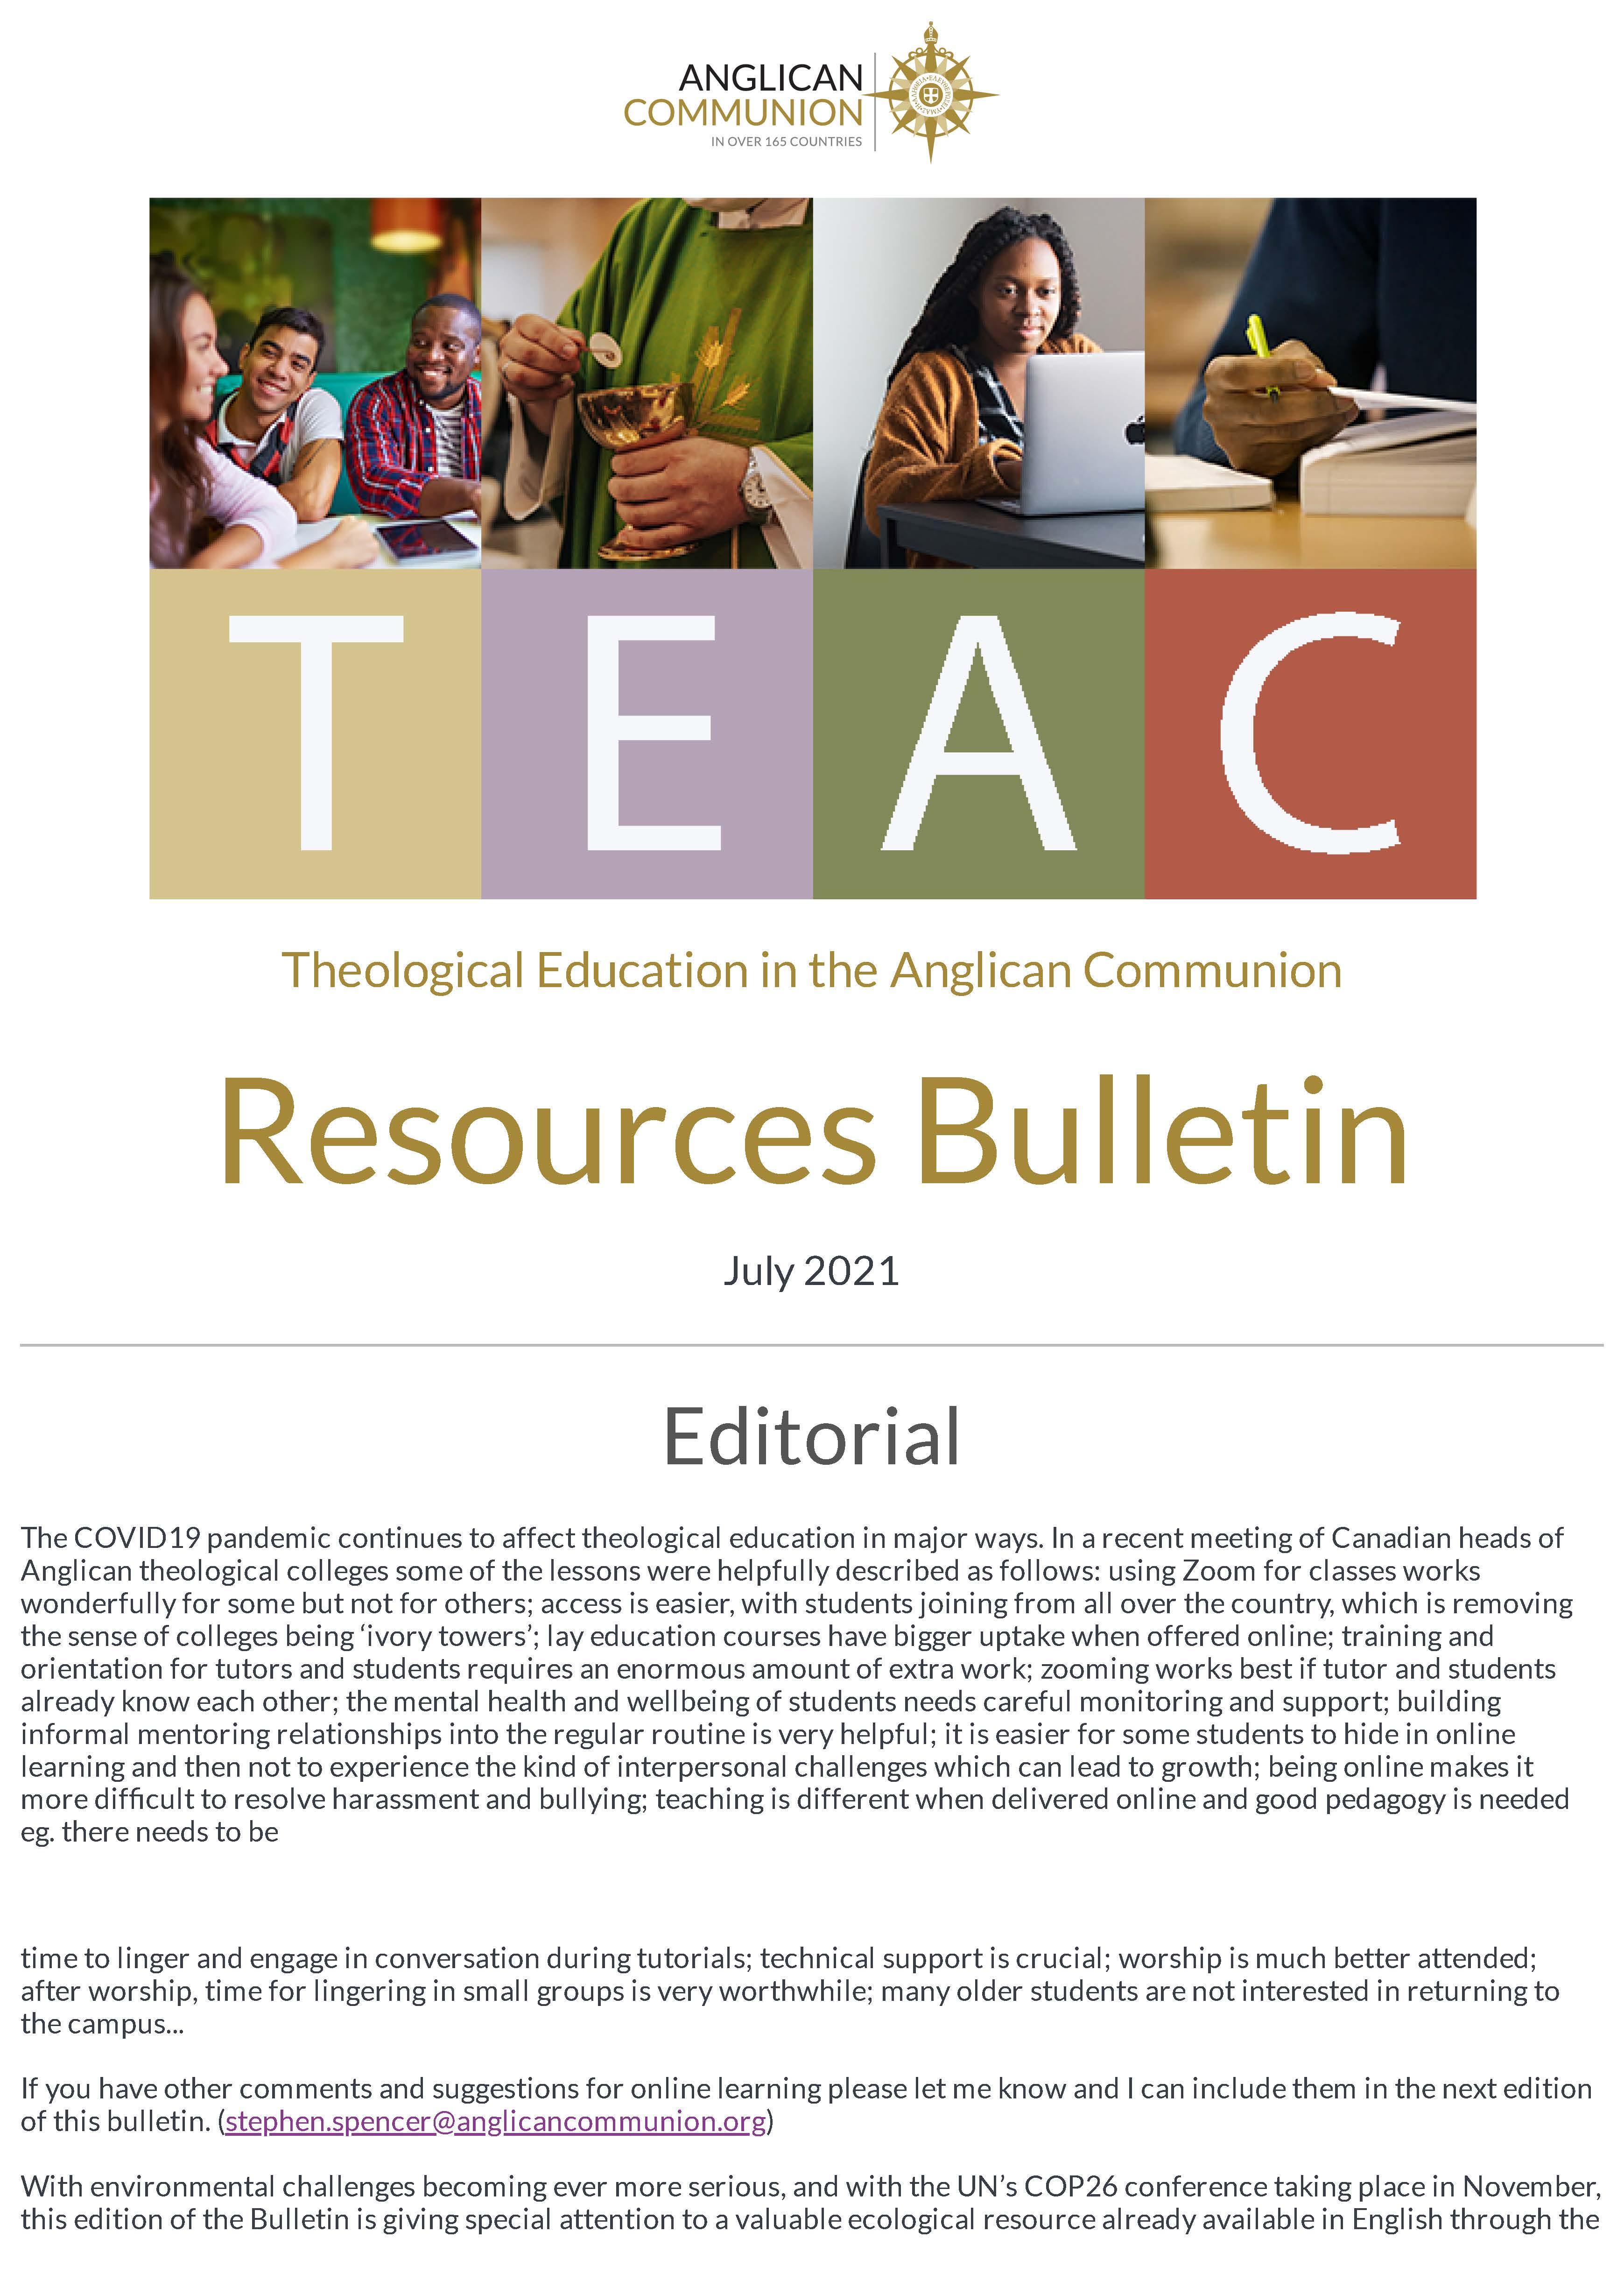 Thumb-Teac-Bulletin-November-2020-en